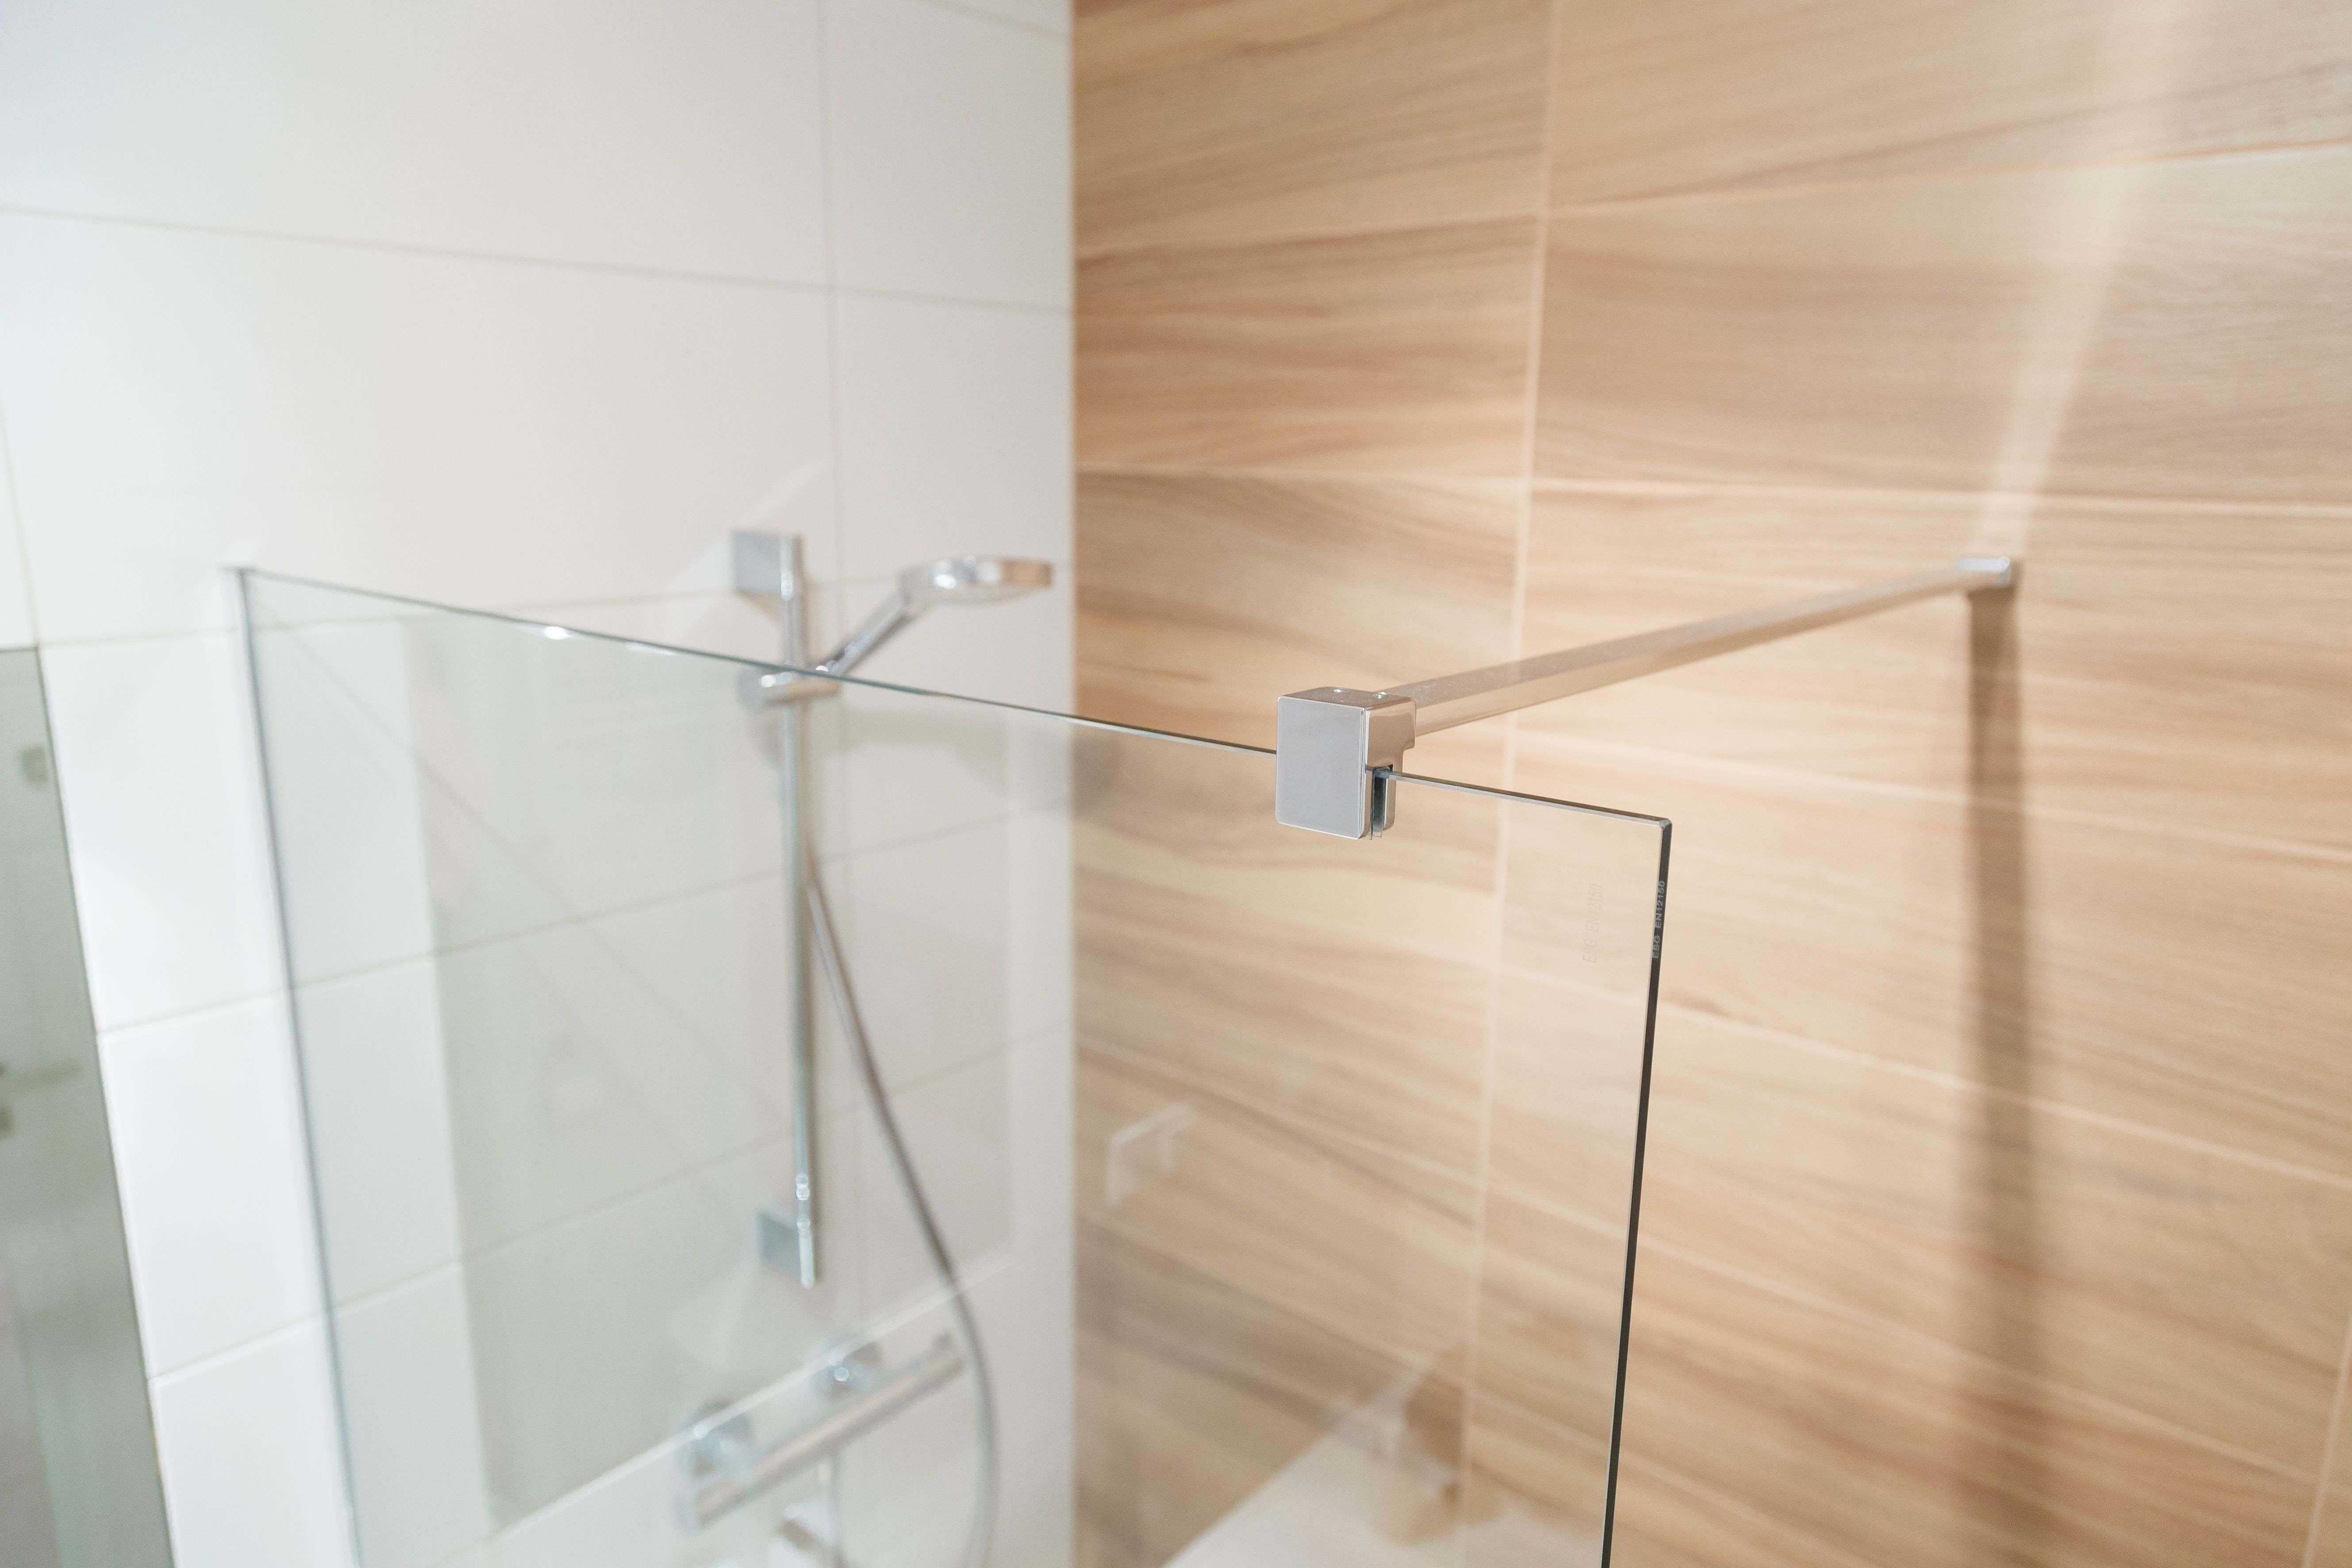 Fixation de porte et paroi de douche : comment choisir